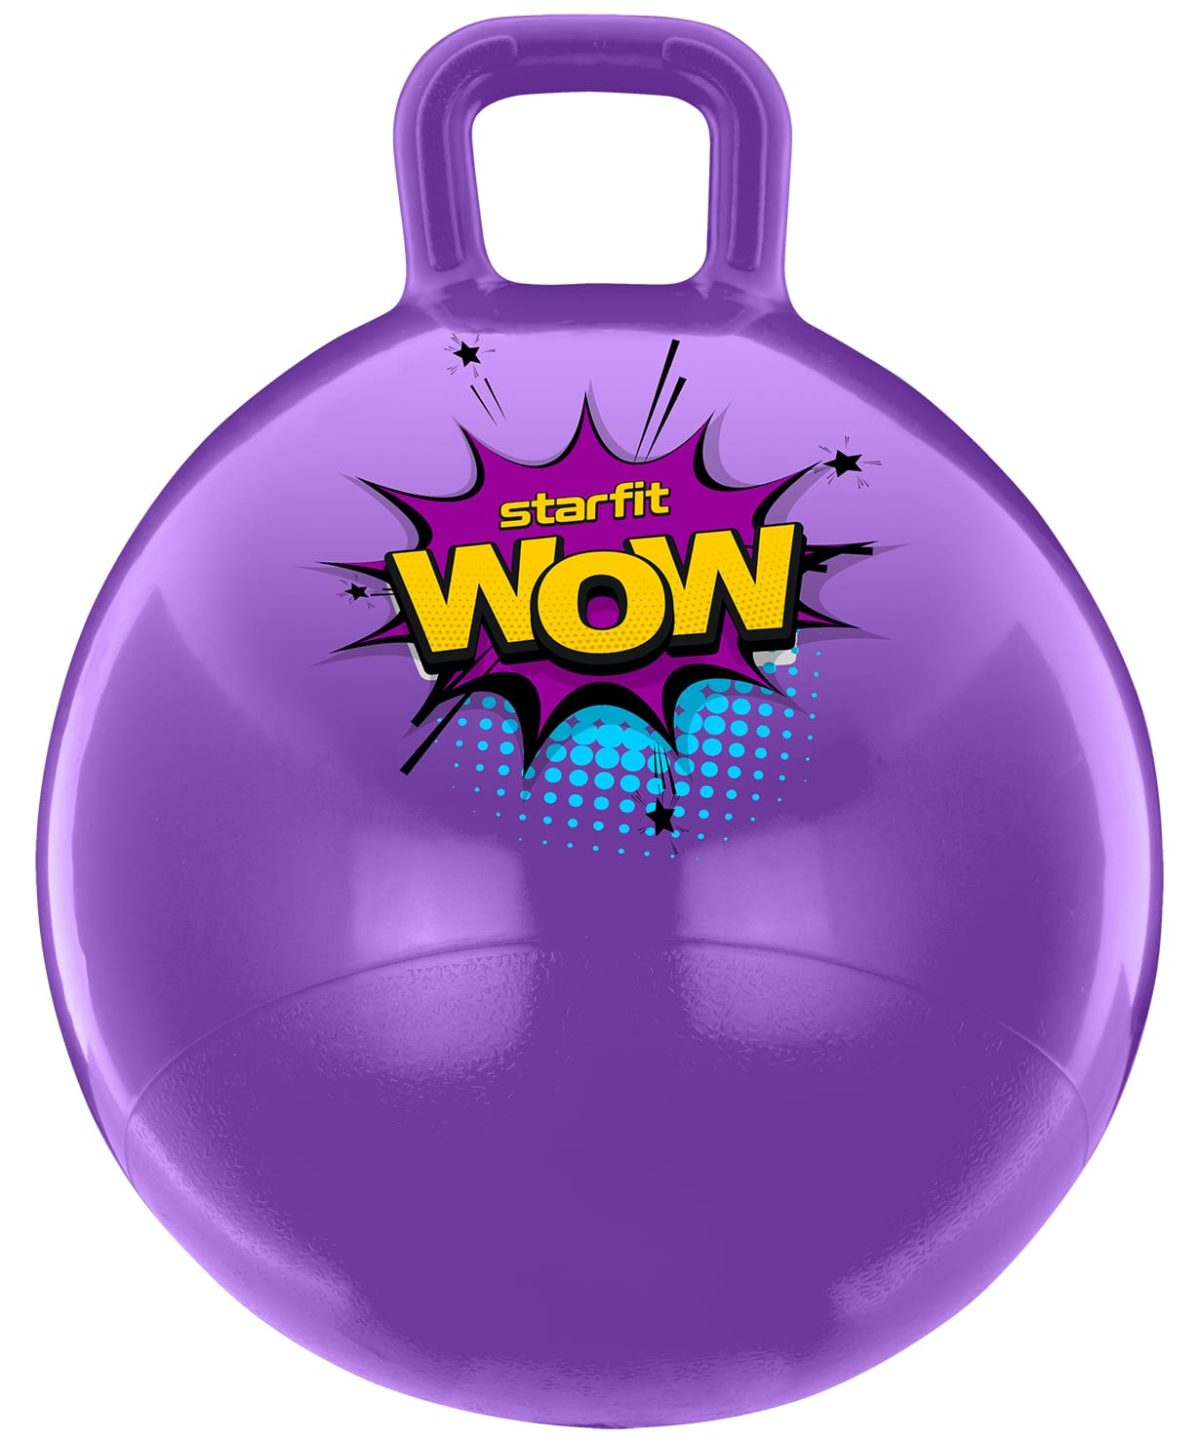 STARFIT WOW Мяч попрыгун с ручкой 55 см.  GB-0402: фиолетовый - 1